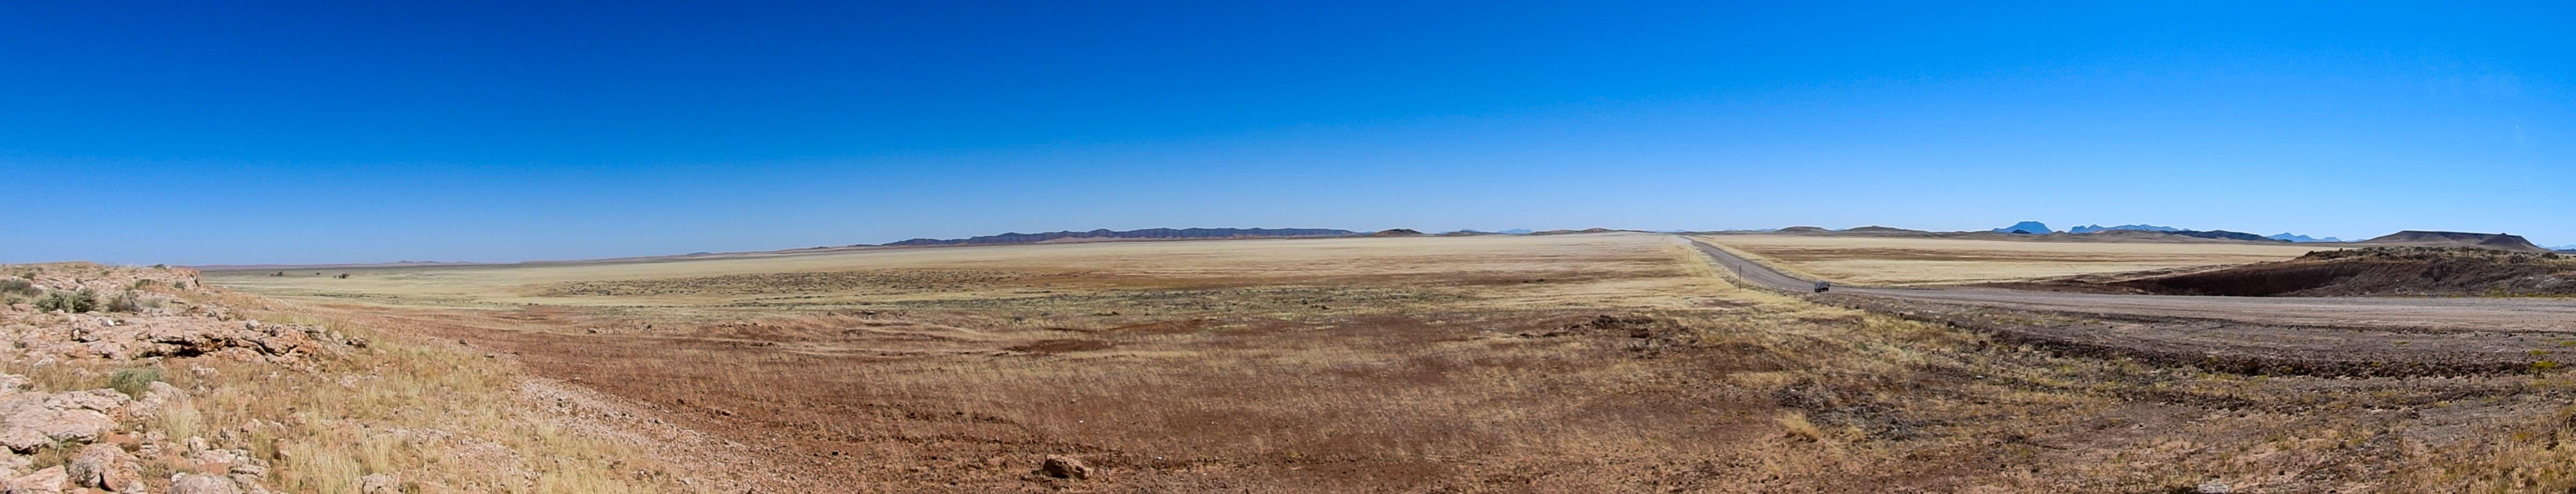 Namibia-C14